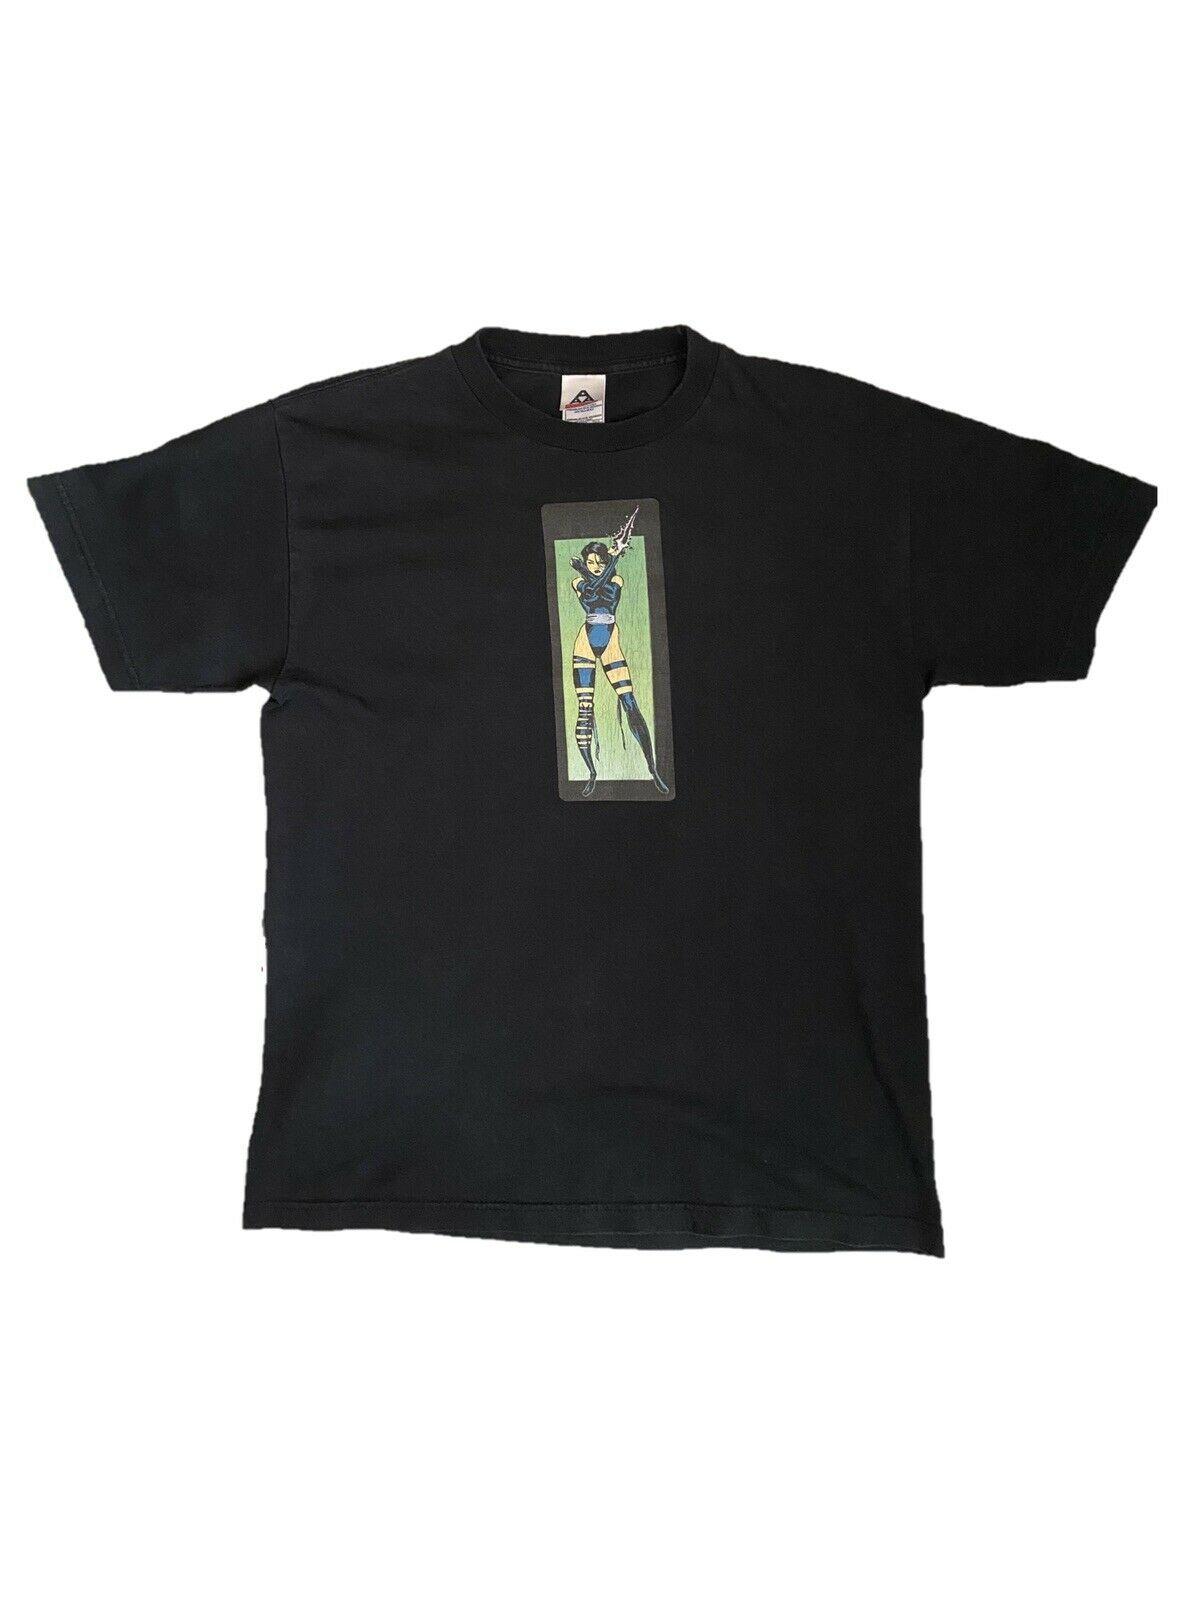 復古奇跡 Psylocke 襯衫挂鉤蜘蛛俠毒液 Xmen 漫畫圖片